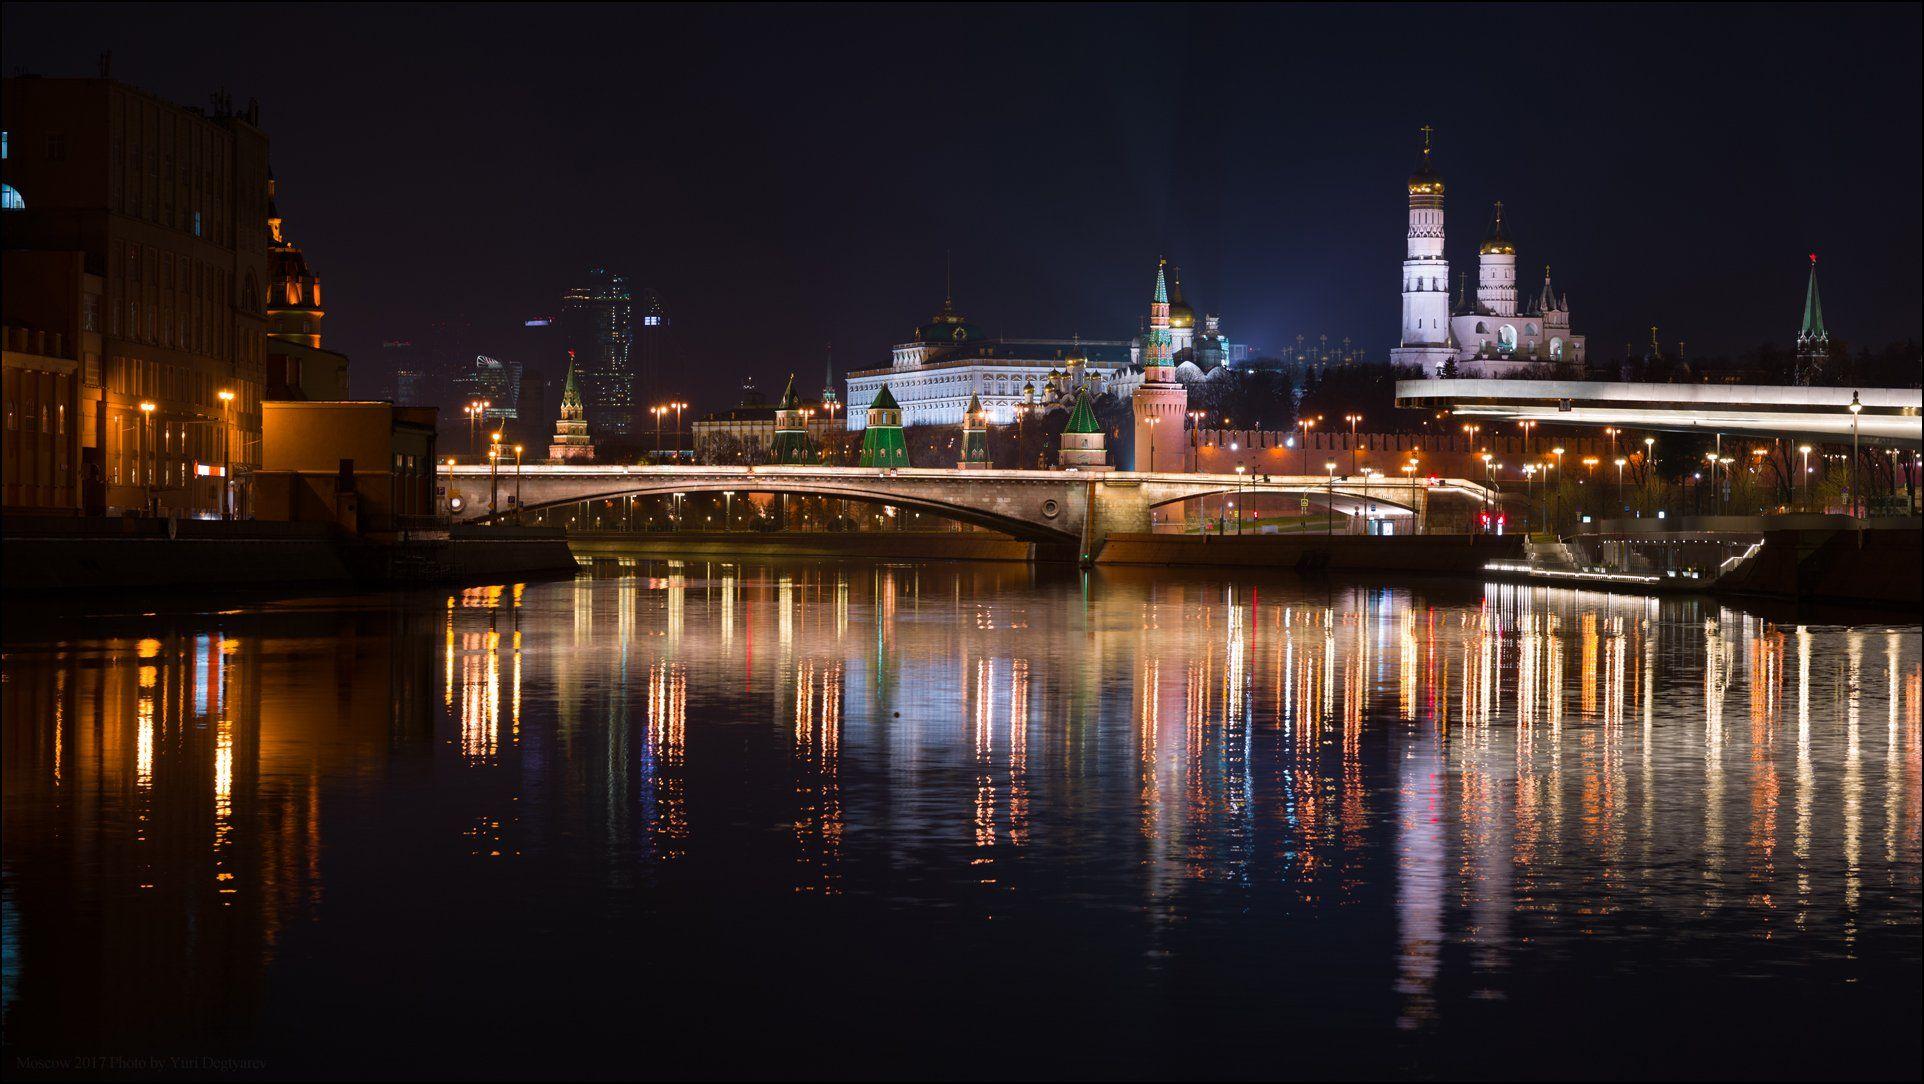 город, столица, Москва, Московский, Кремль, ночь, река, отражение, мост, Юрий Дегтярёв